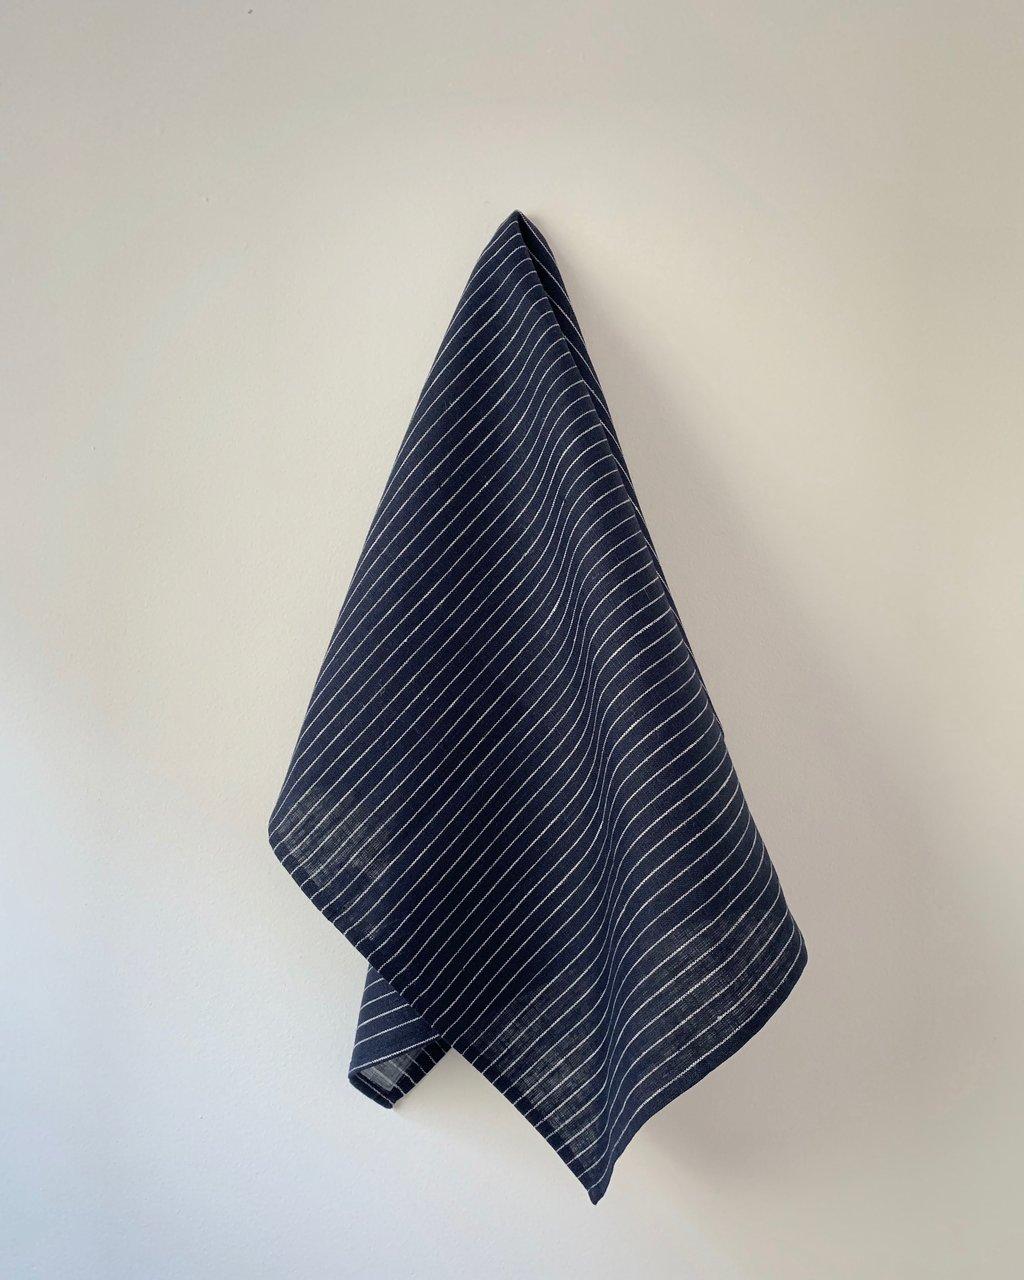 Fog Linen Work / Viskestykke (Navy with white stripe)